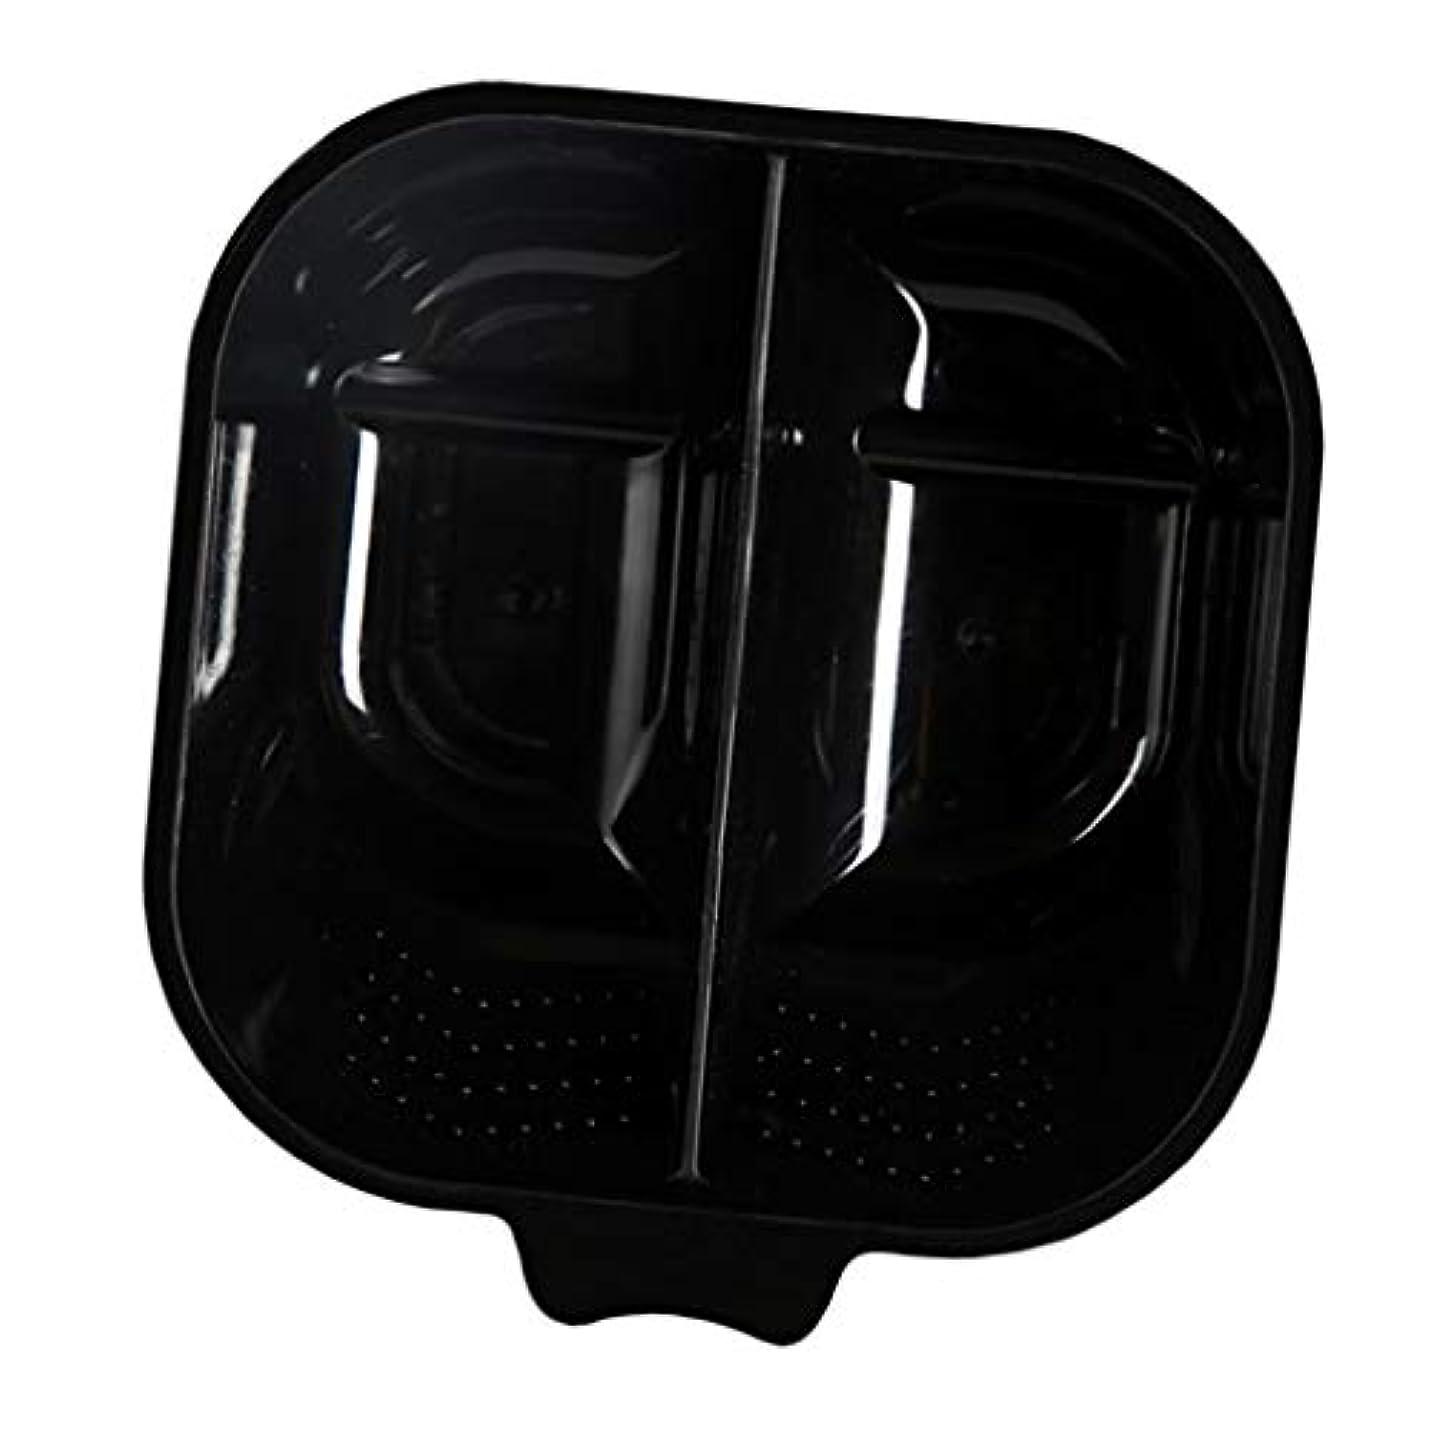 同化鑑定バックグラウンドヘアカップ ヘアカラーボウル ヘアダイカップ 染料 混合ボール 滑り止め サロン 自宅 便利 全3色 - ブラック